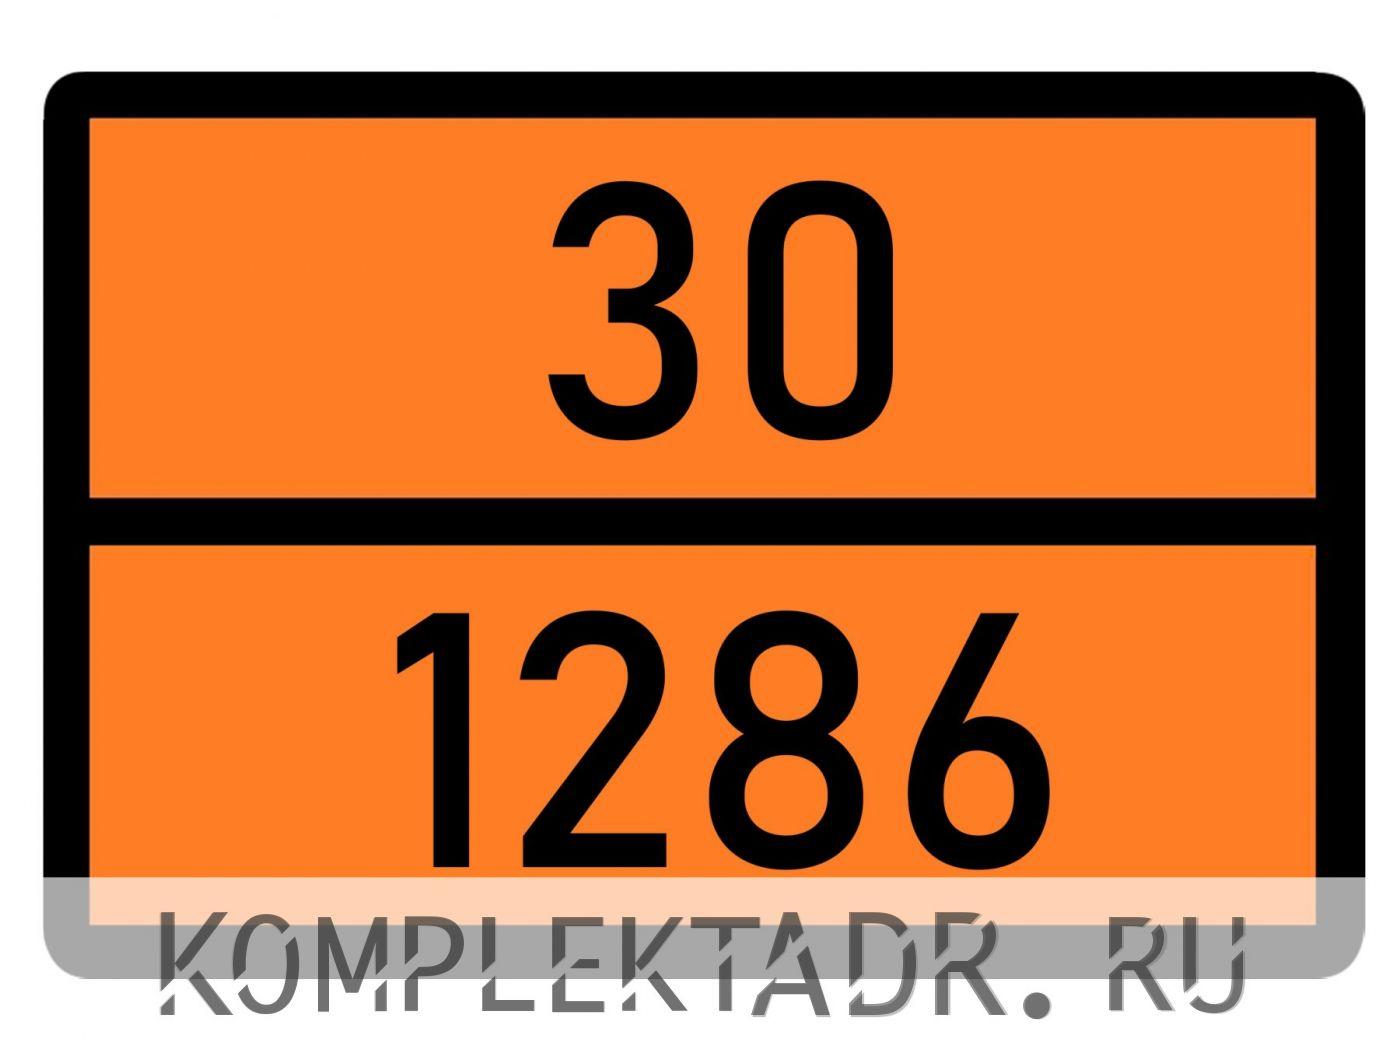 Табличка 30-1286